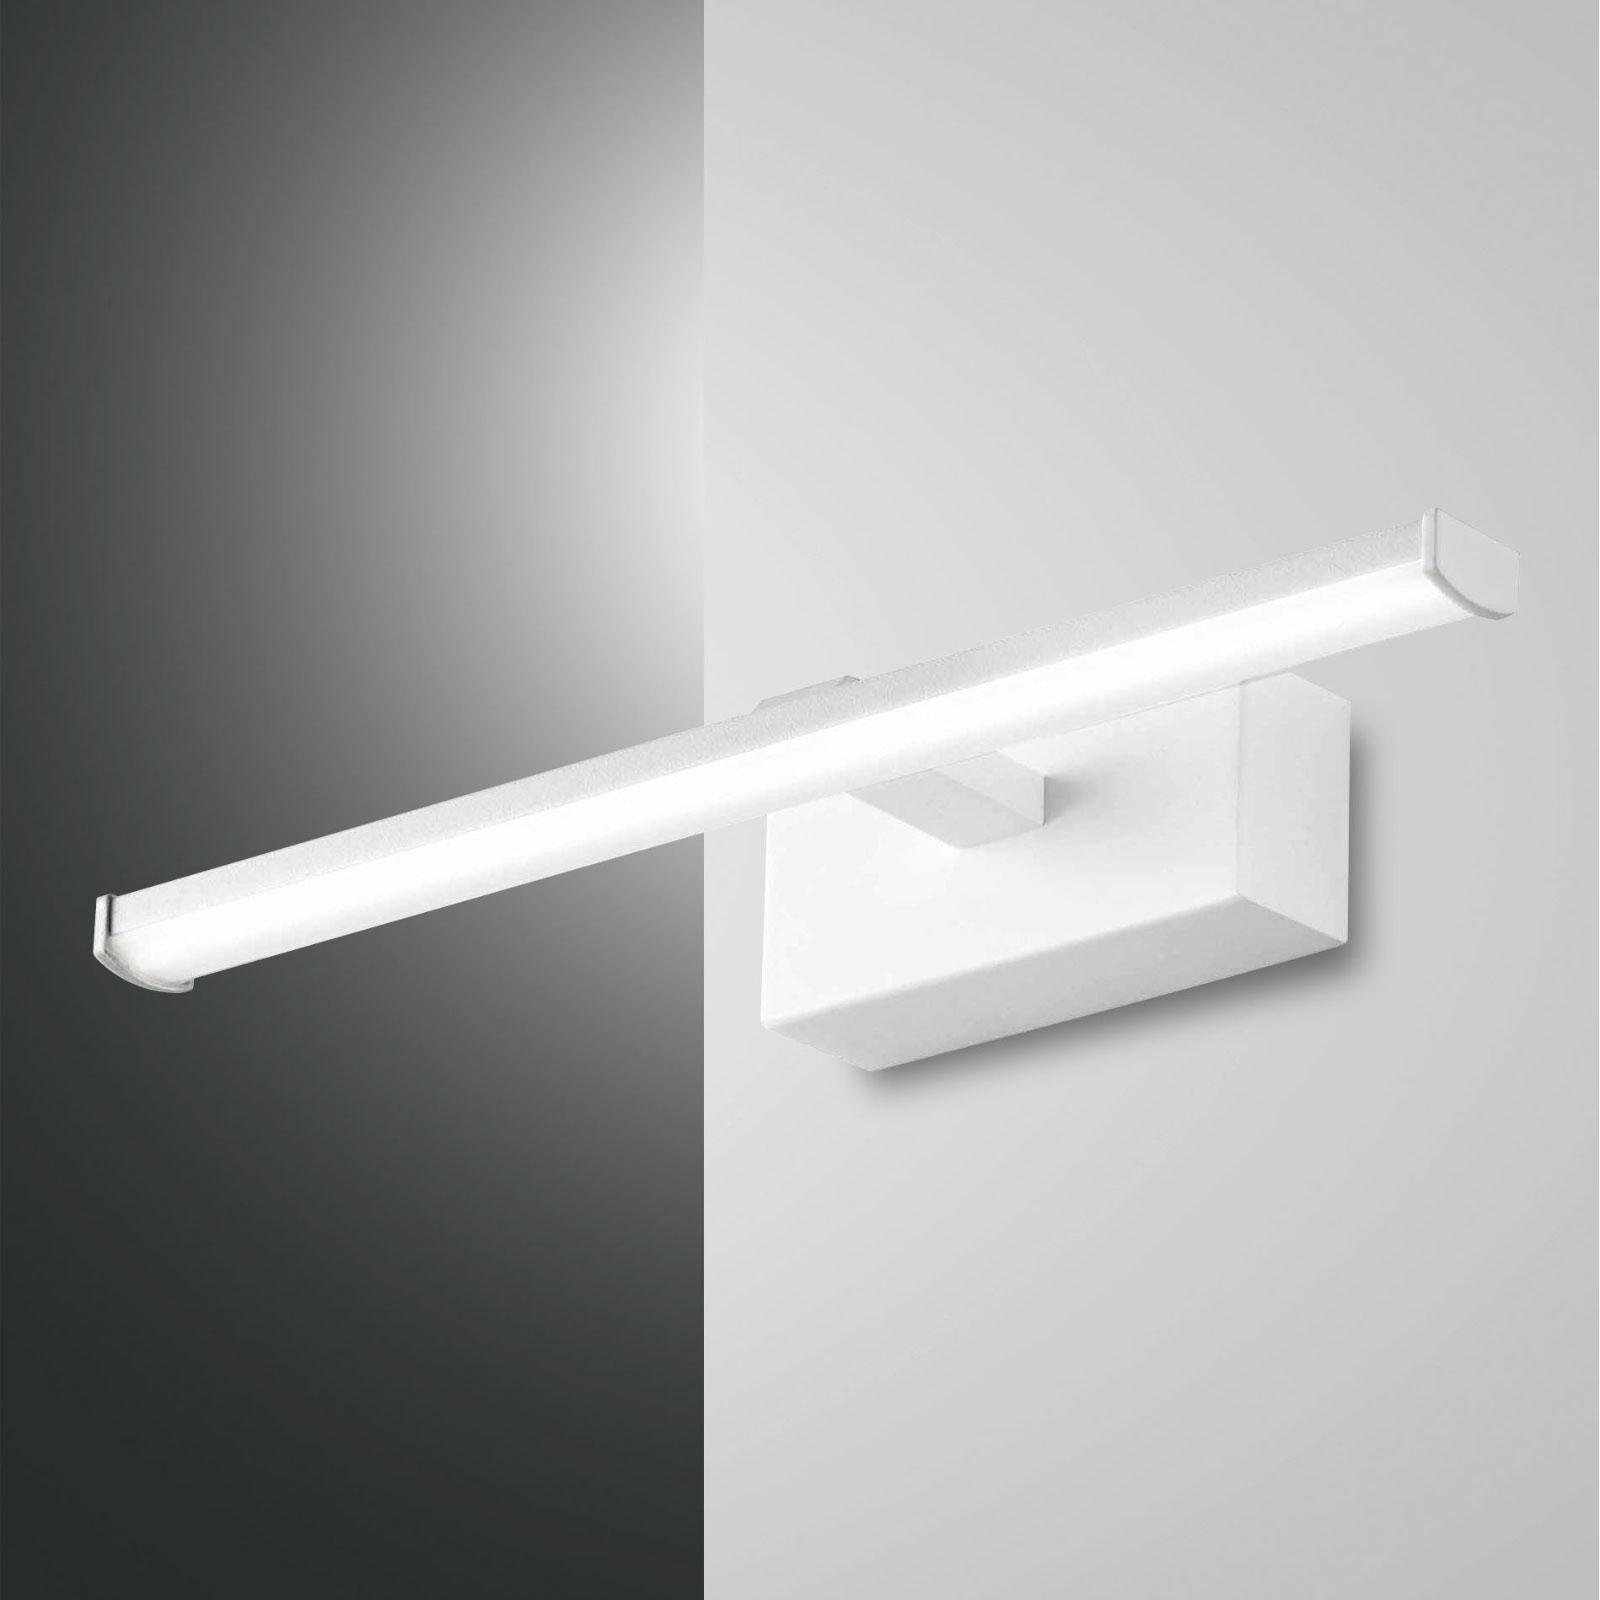 LED-Wandleuchte Nala, weiß, Breite 30 cm